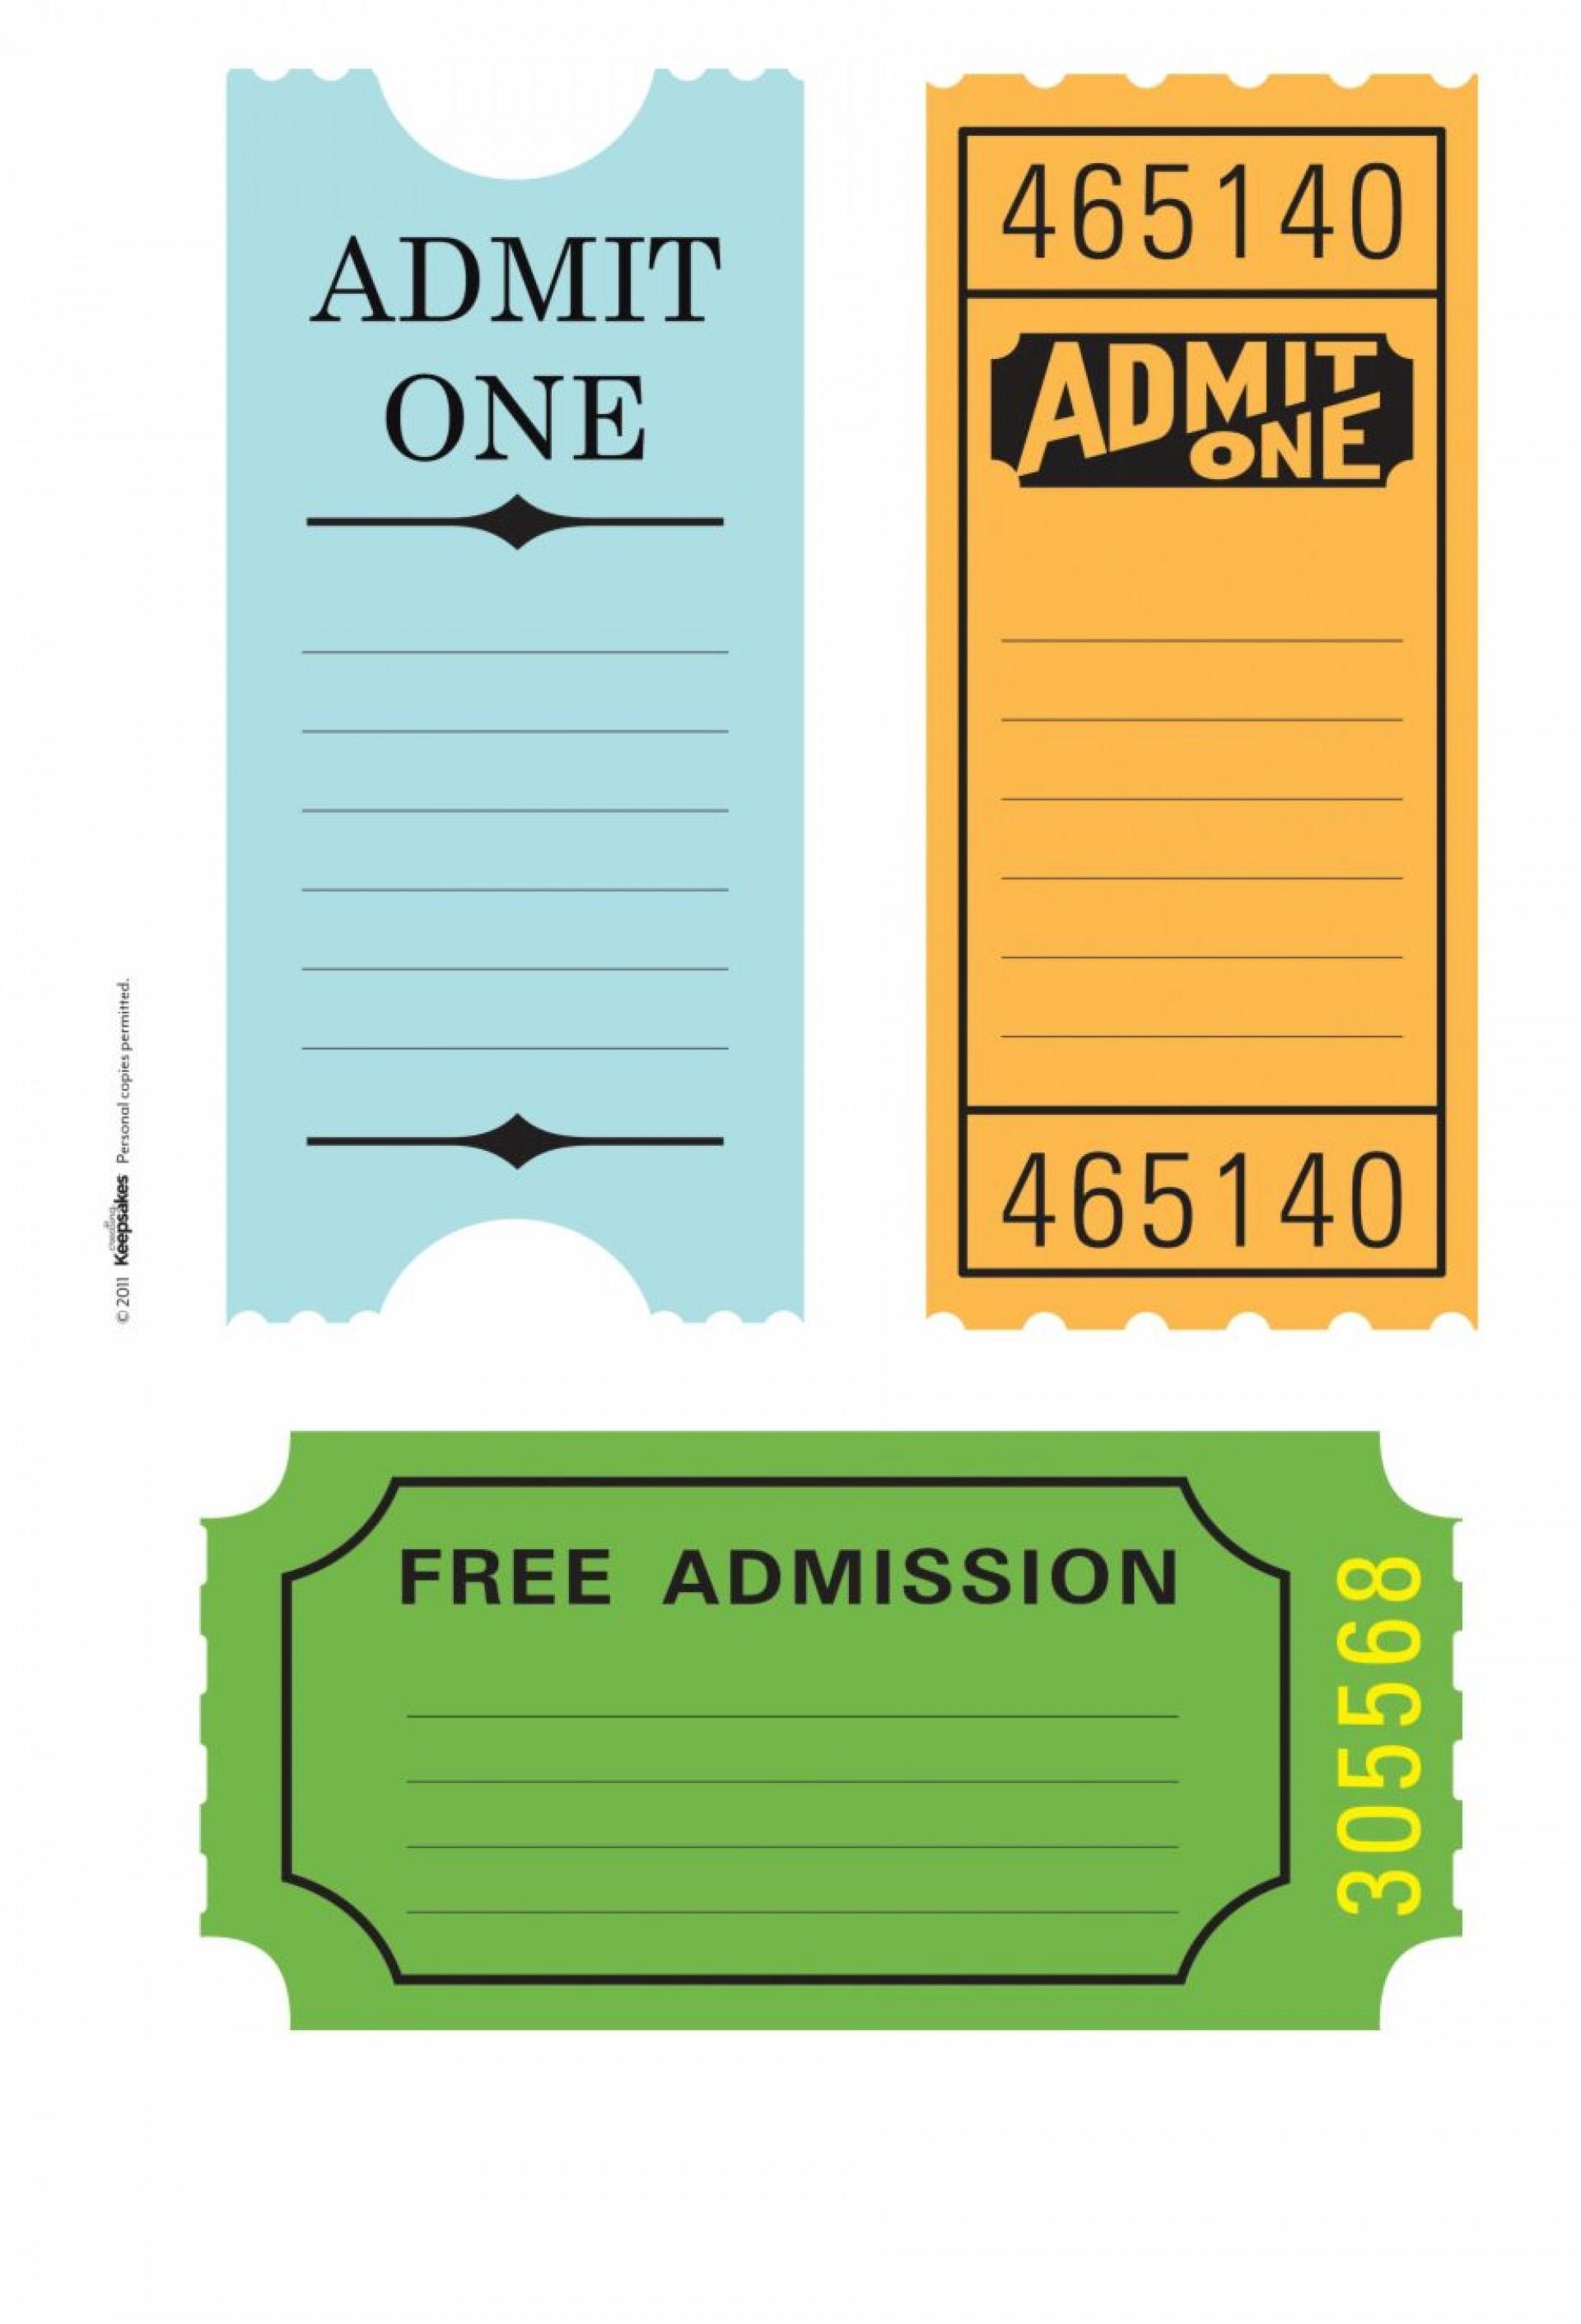 001 Impressive Free Printable Ticket Stub Template Sample 1920